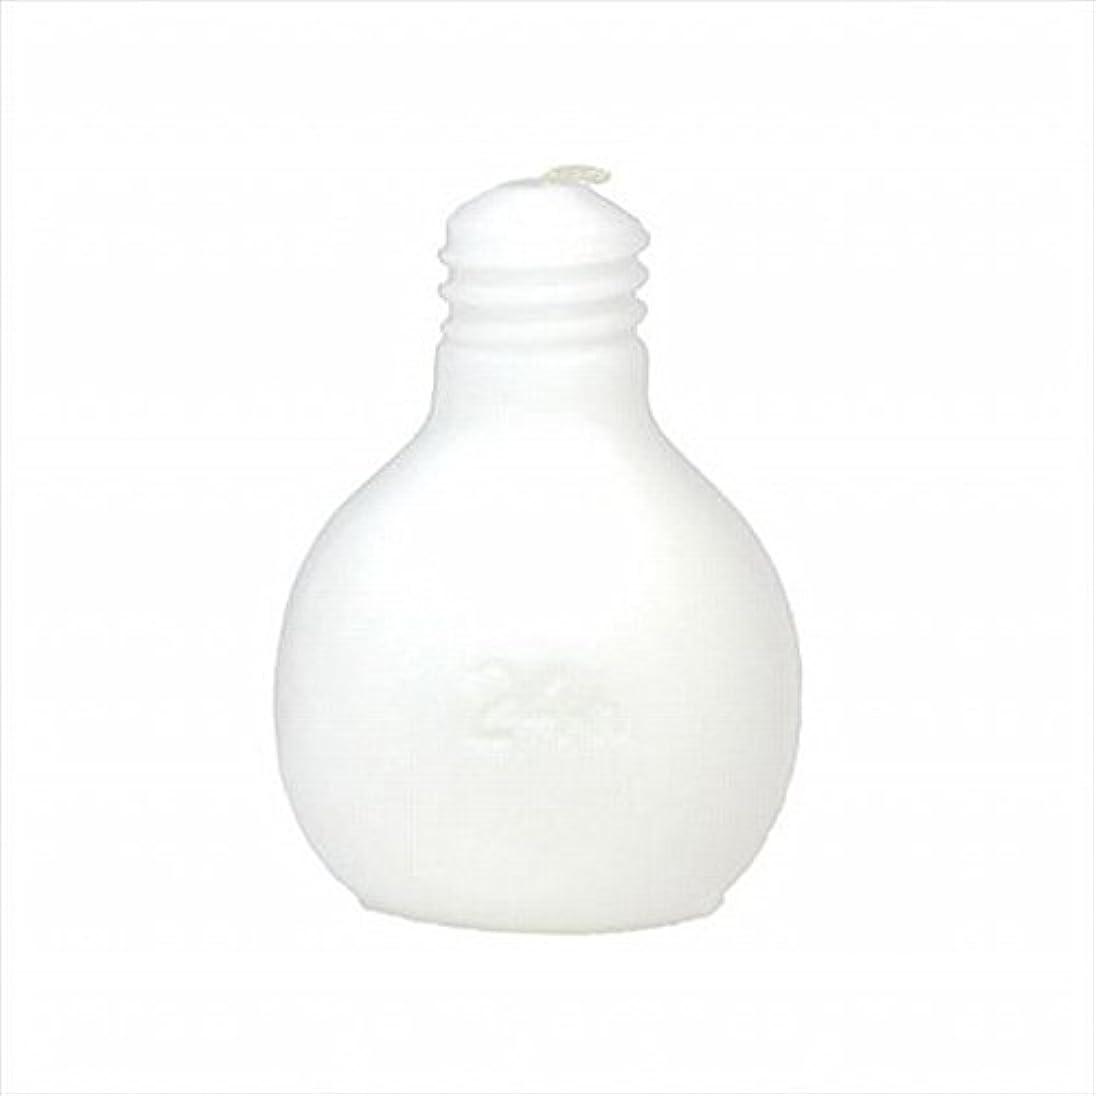 アソシエイト落胆するコウモリkameyama candle(カメヤマキャンドル) 節電球キャンドル 「 ホワイト 」 キャンドル 75x75x98mm (A4220000W)